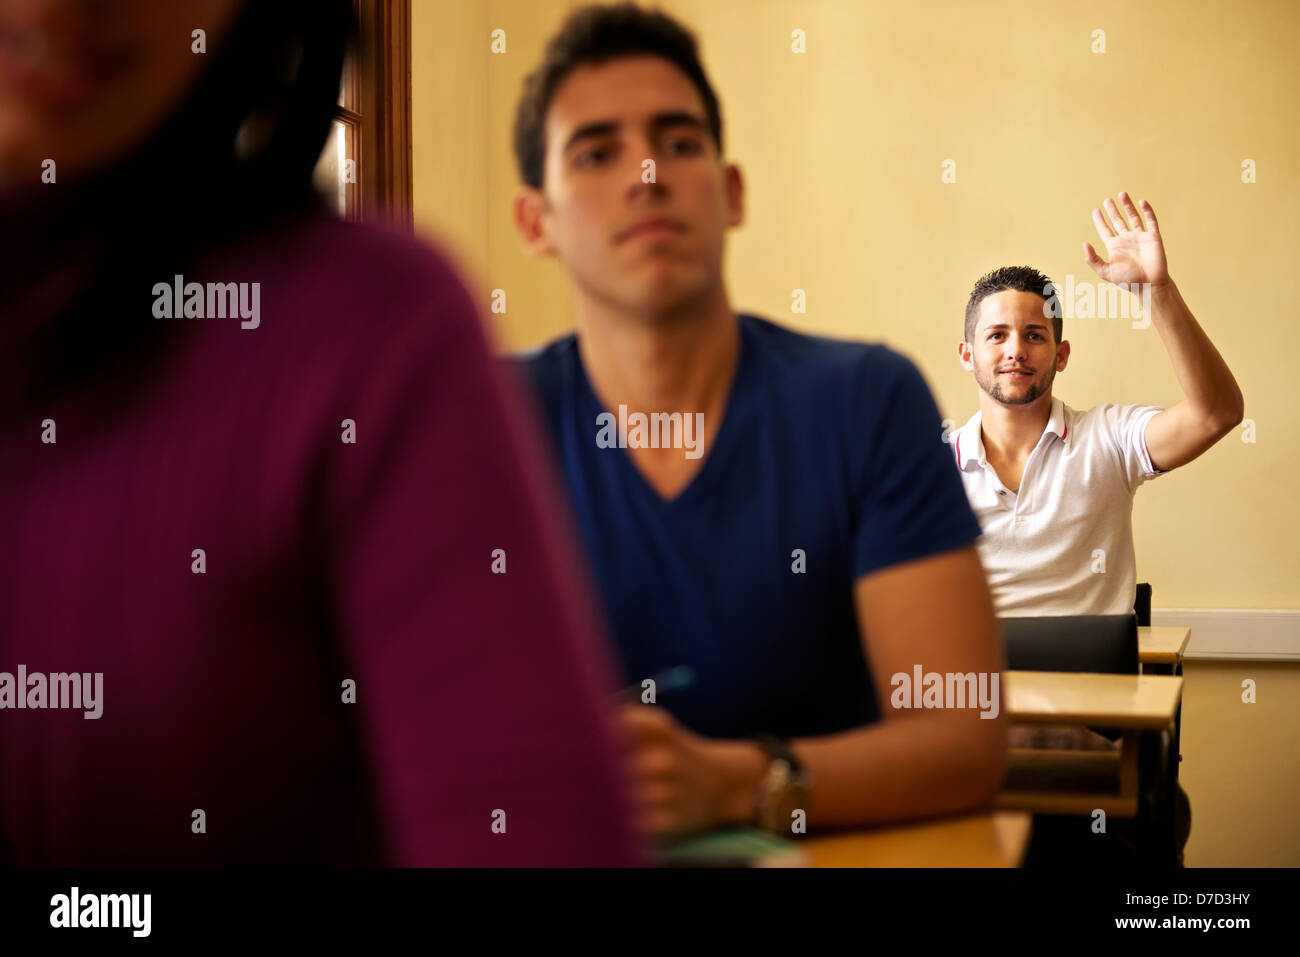 Estudiantes en clase de la universidad con el hombre levantando la mano para realizar preguntas al profesor Imagen De Stock